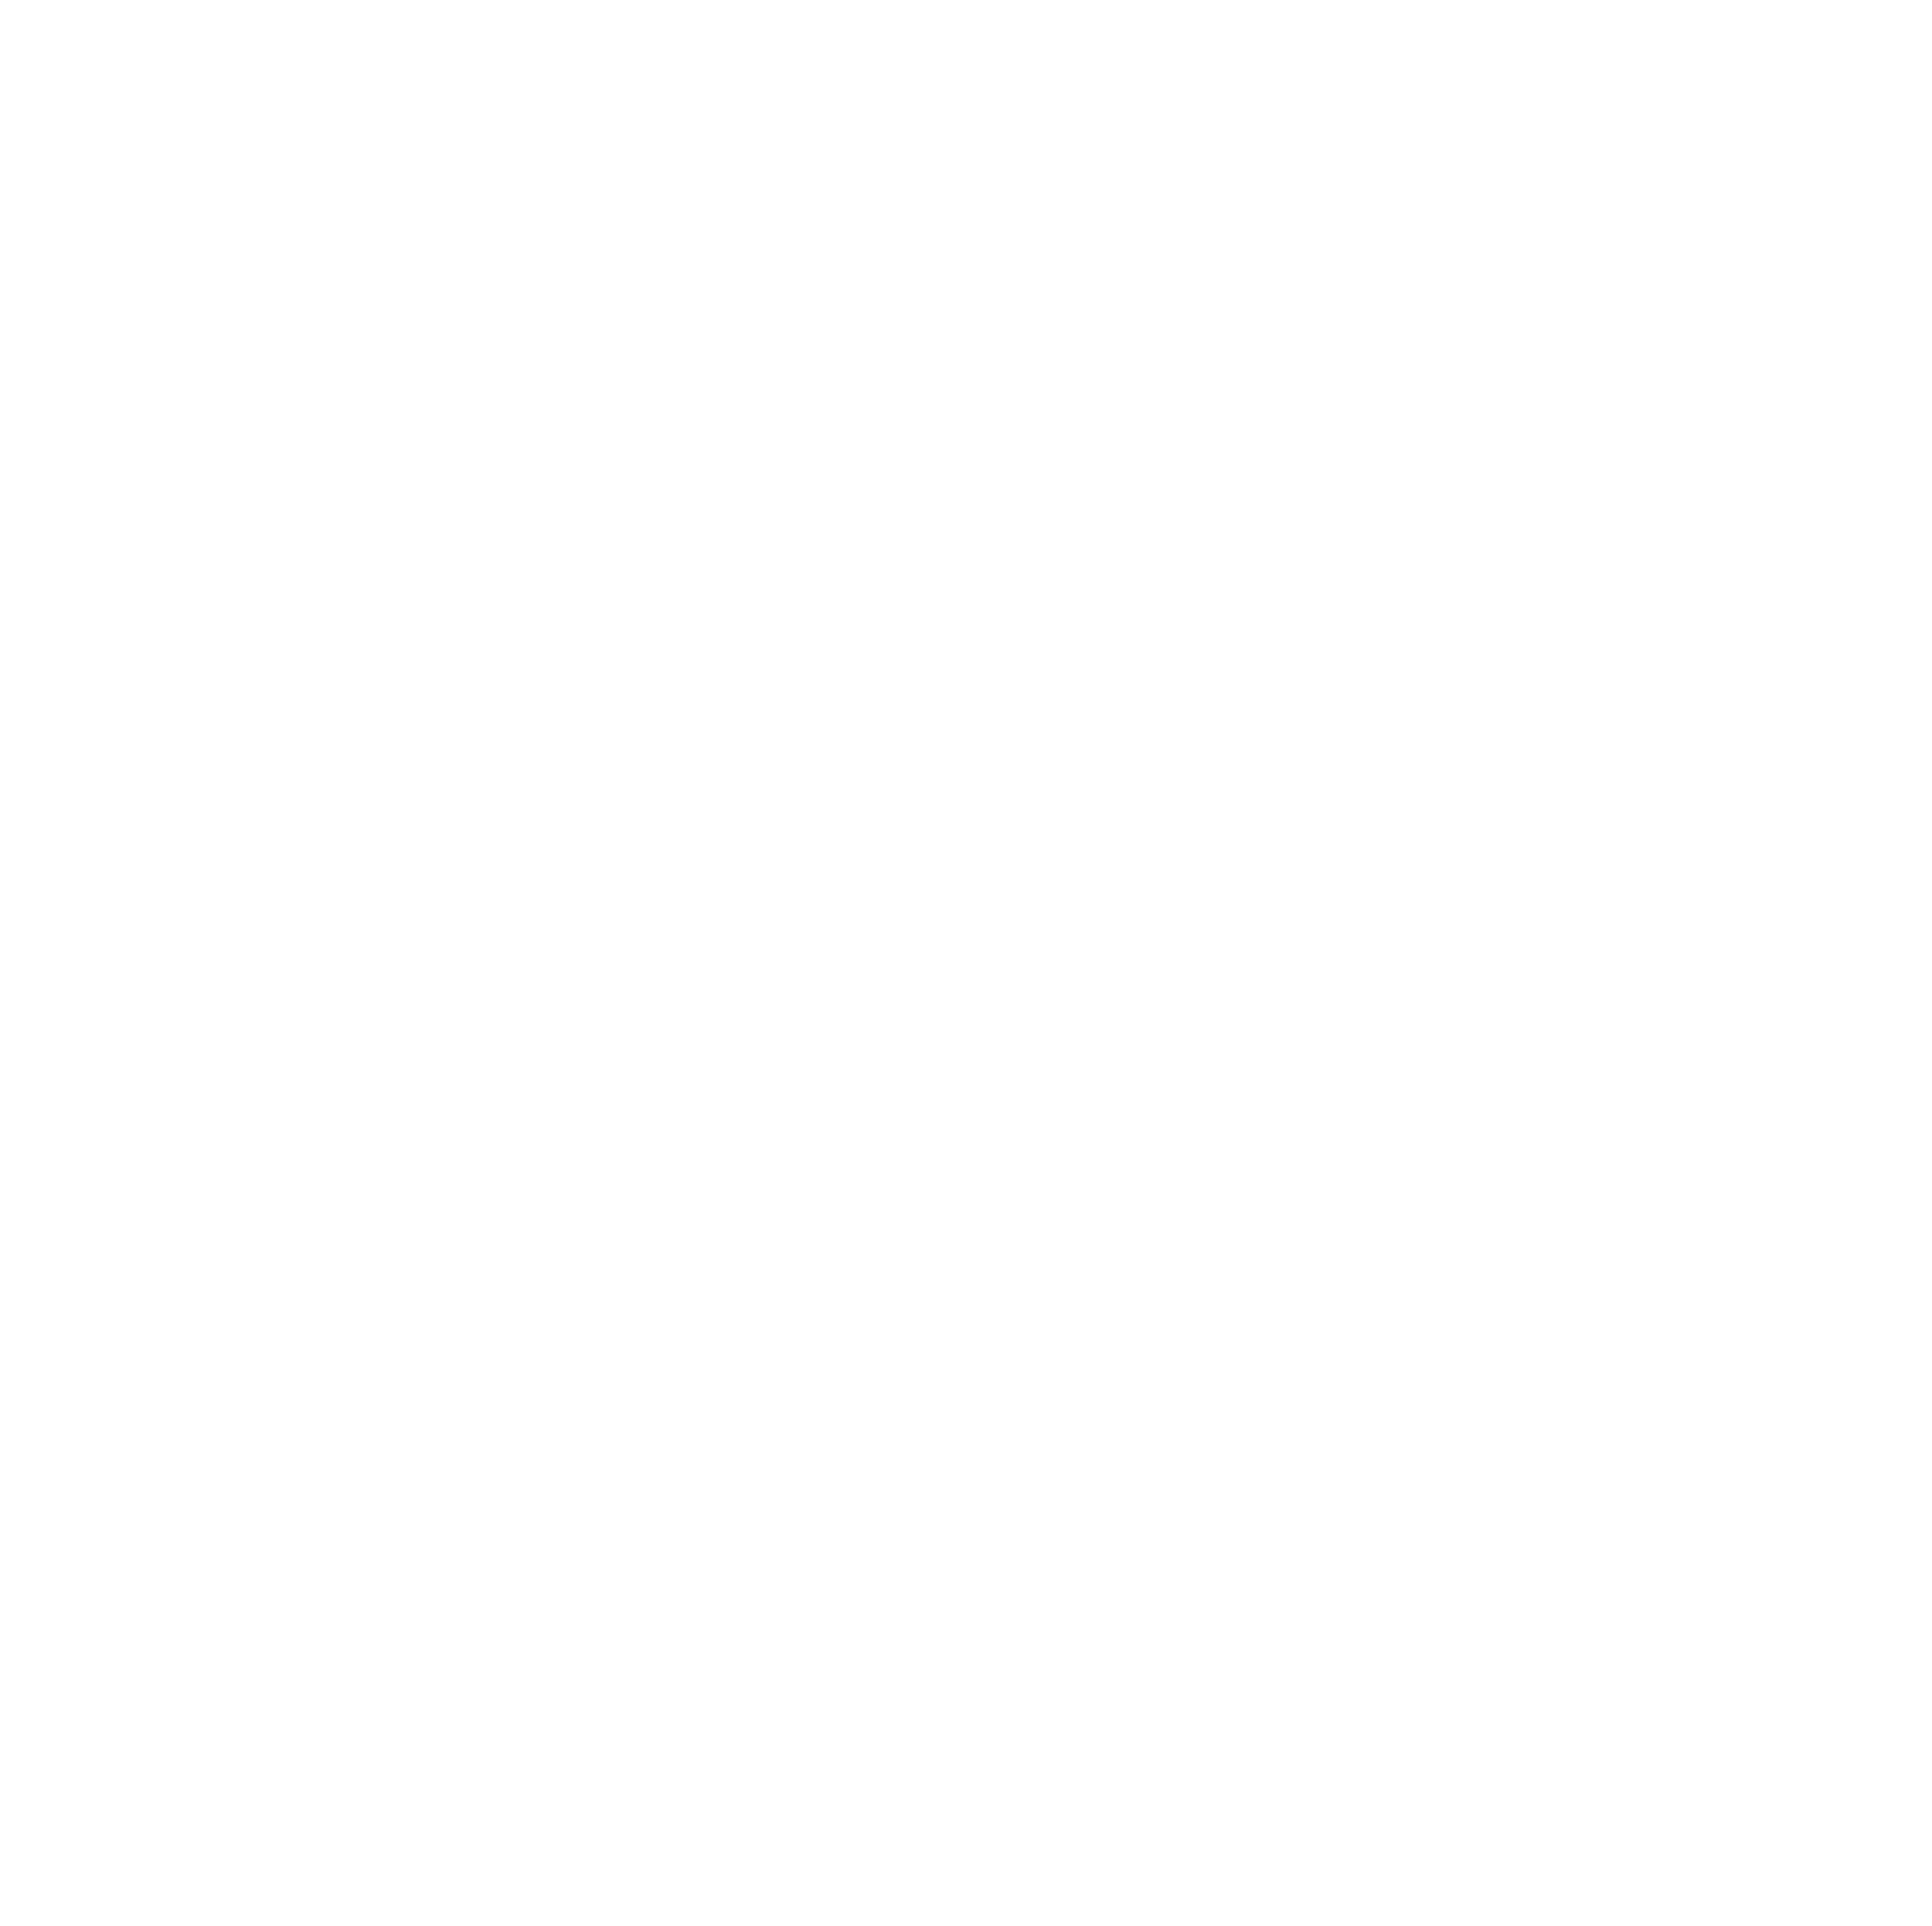 مؤسسات تعليمية